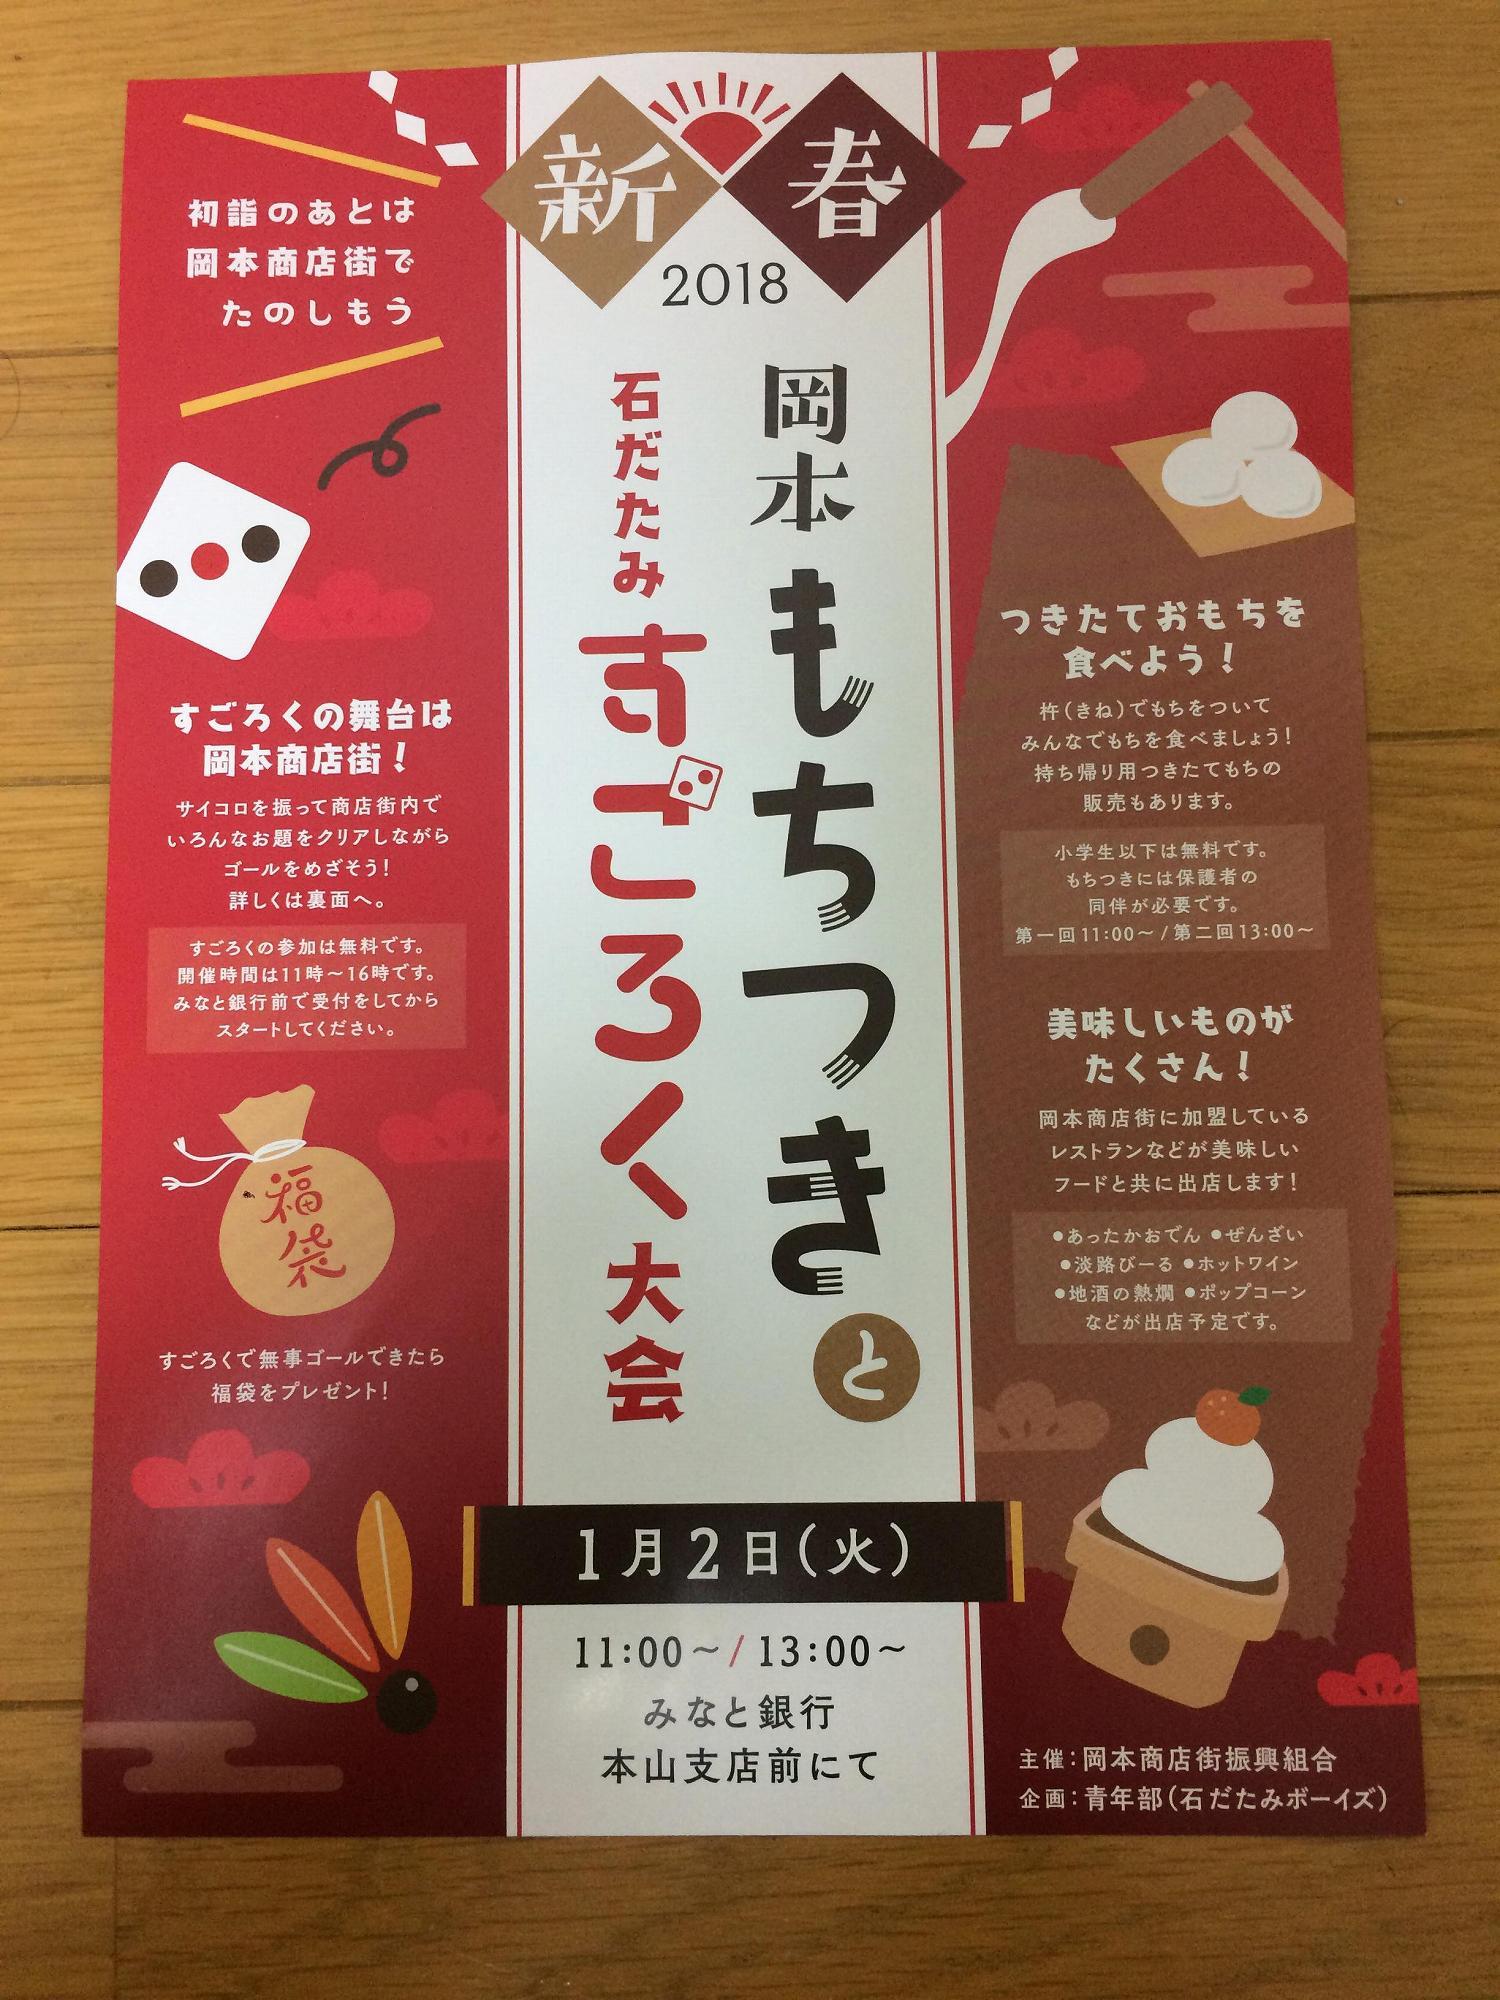 神戸・岡本商店街で2018年1月2日「新春岡本もちつきと石だたみすごろく大会」が開催されるよ! #岡本商店街 #お正月イベント